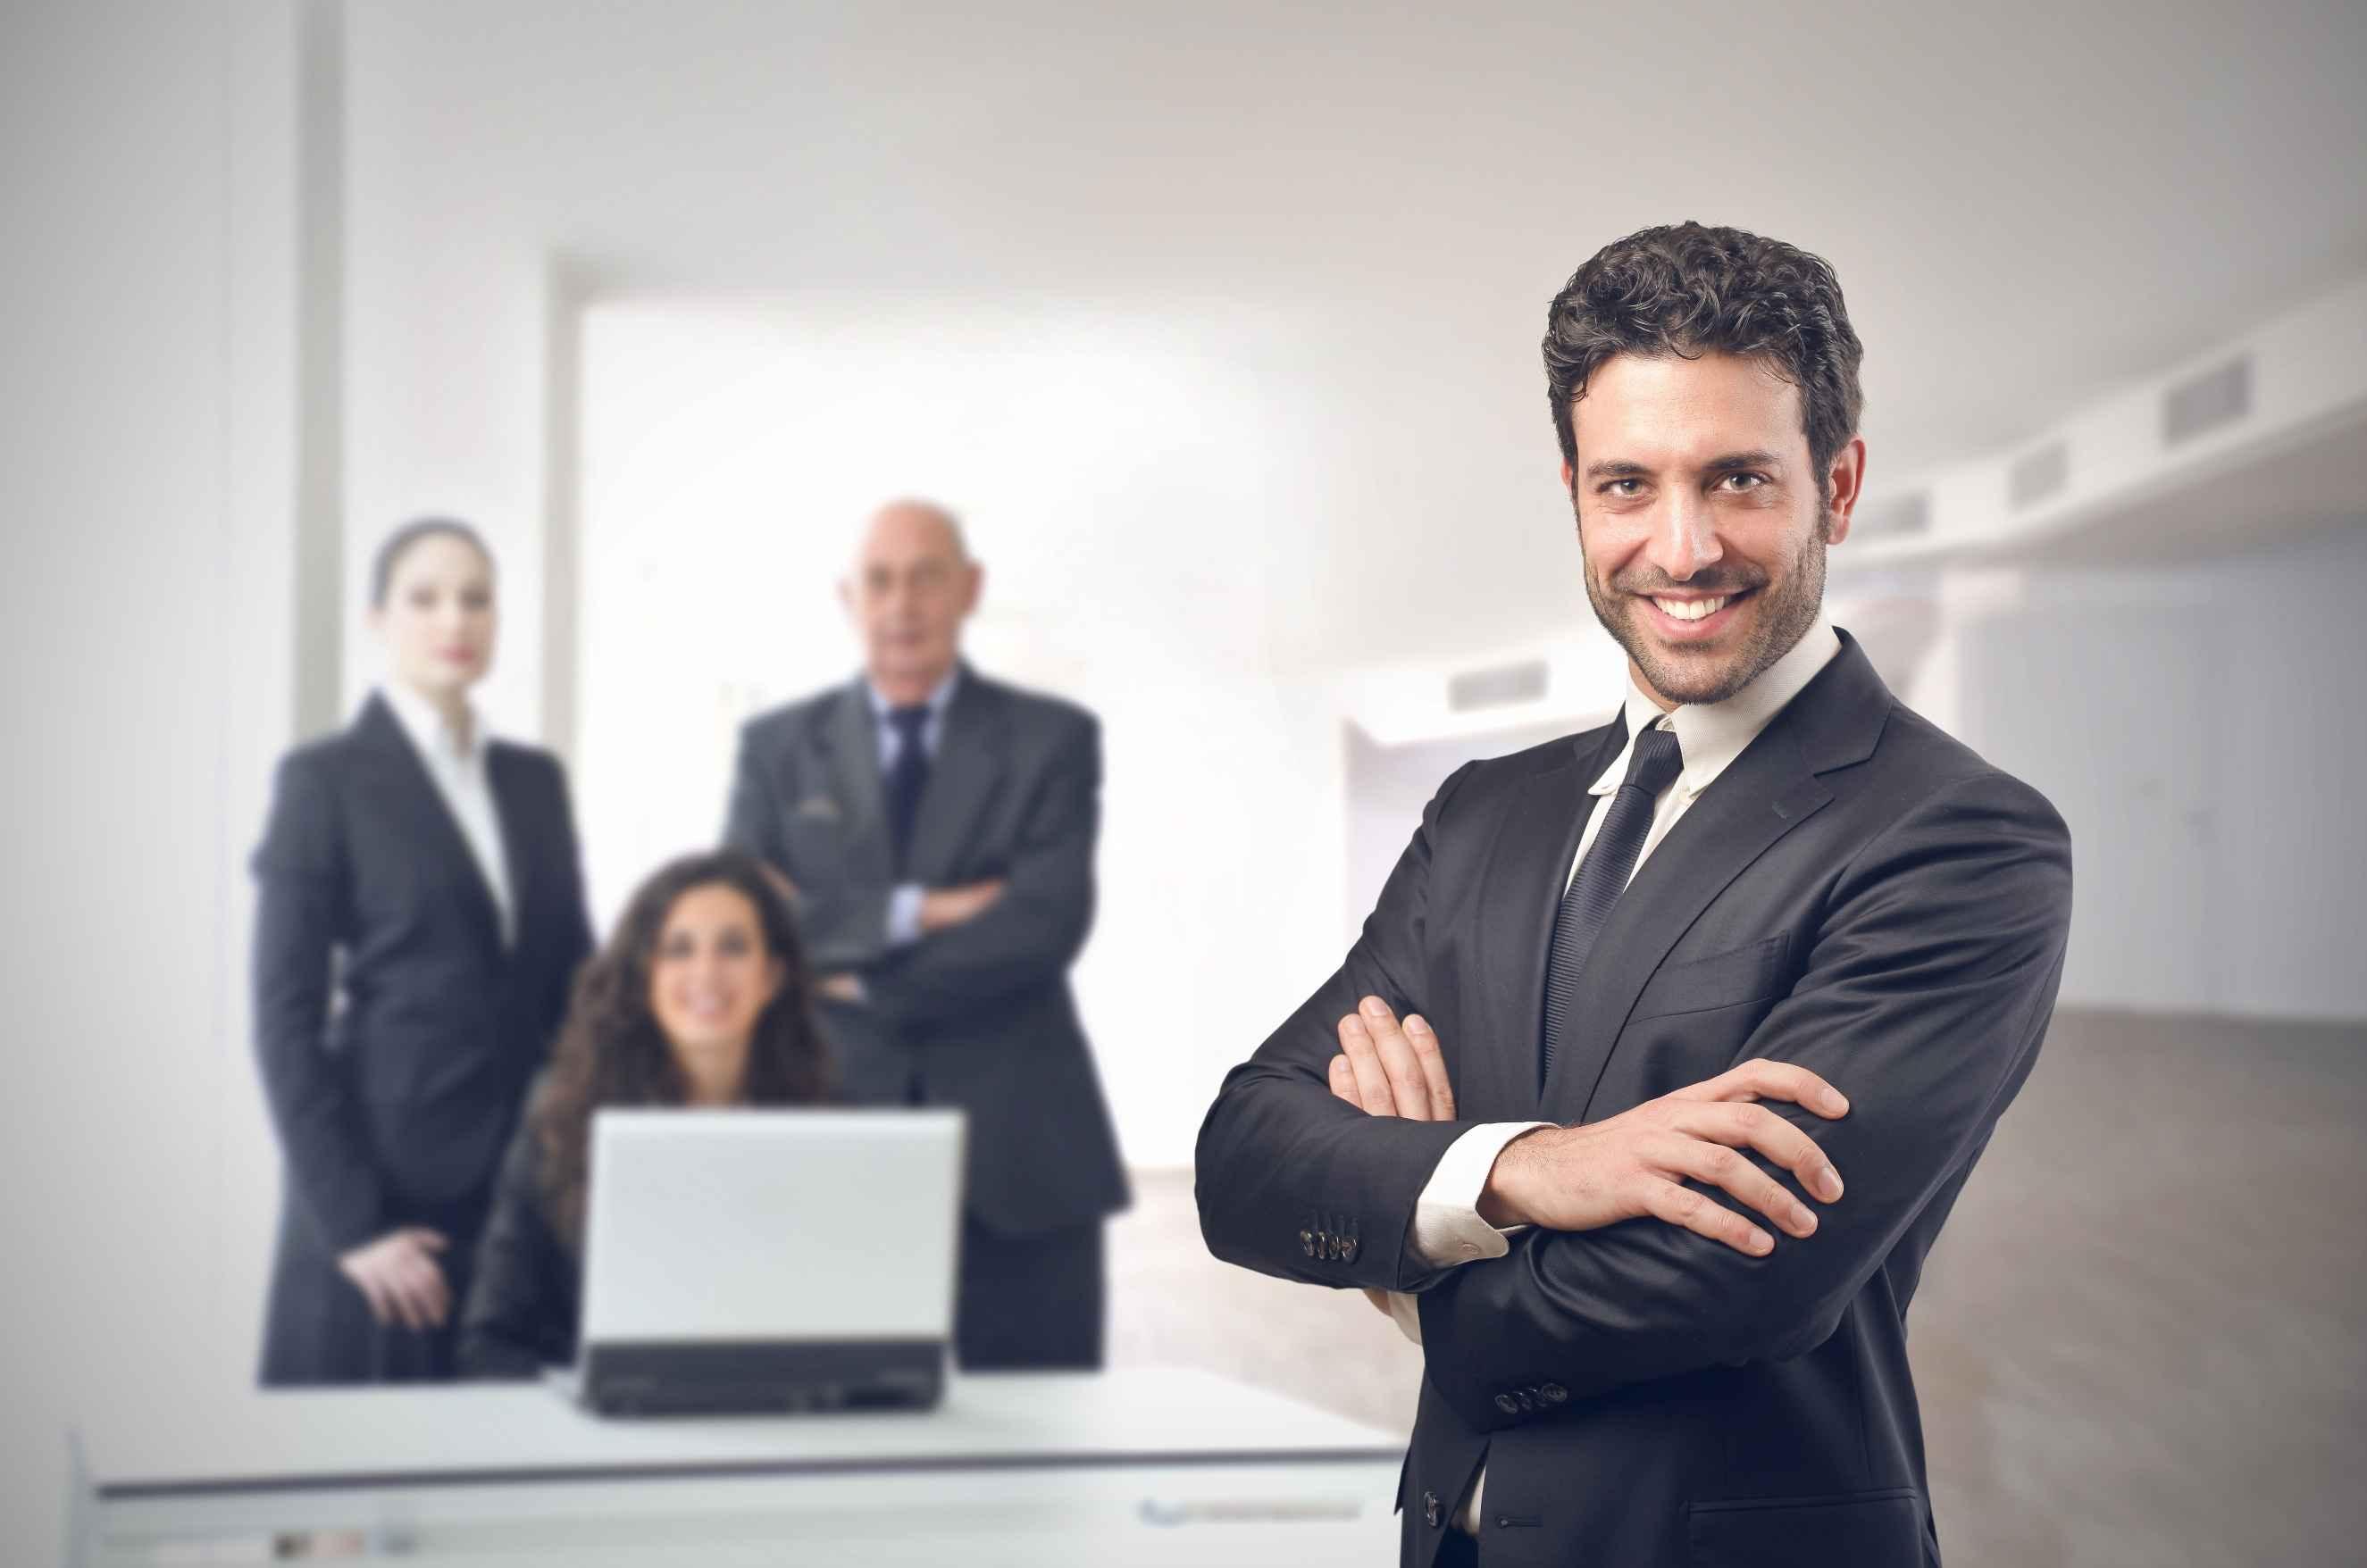 با این ۳ راهکار سریعا تبدیل به یک مدیرعامل شوید